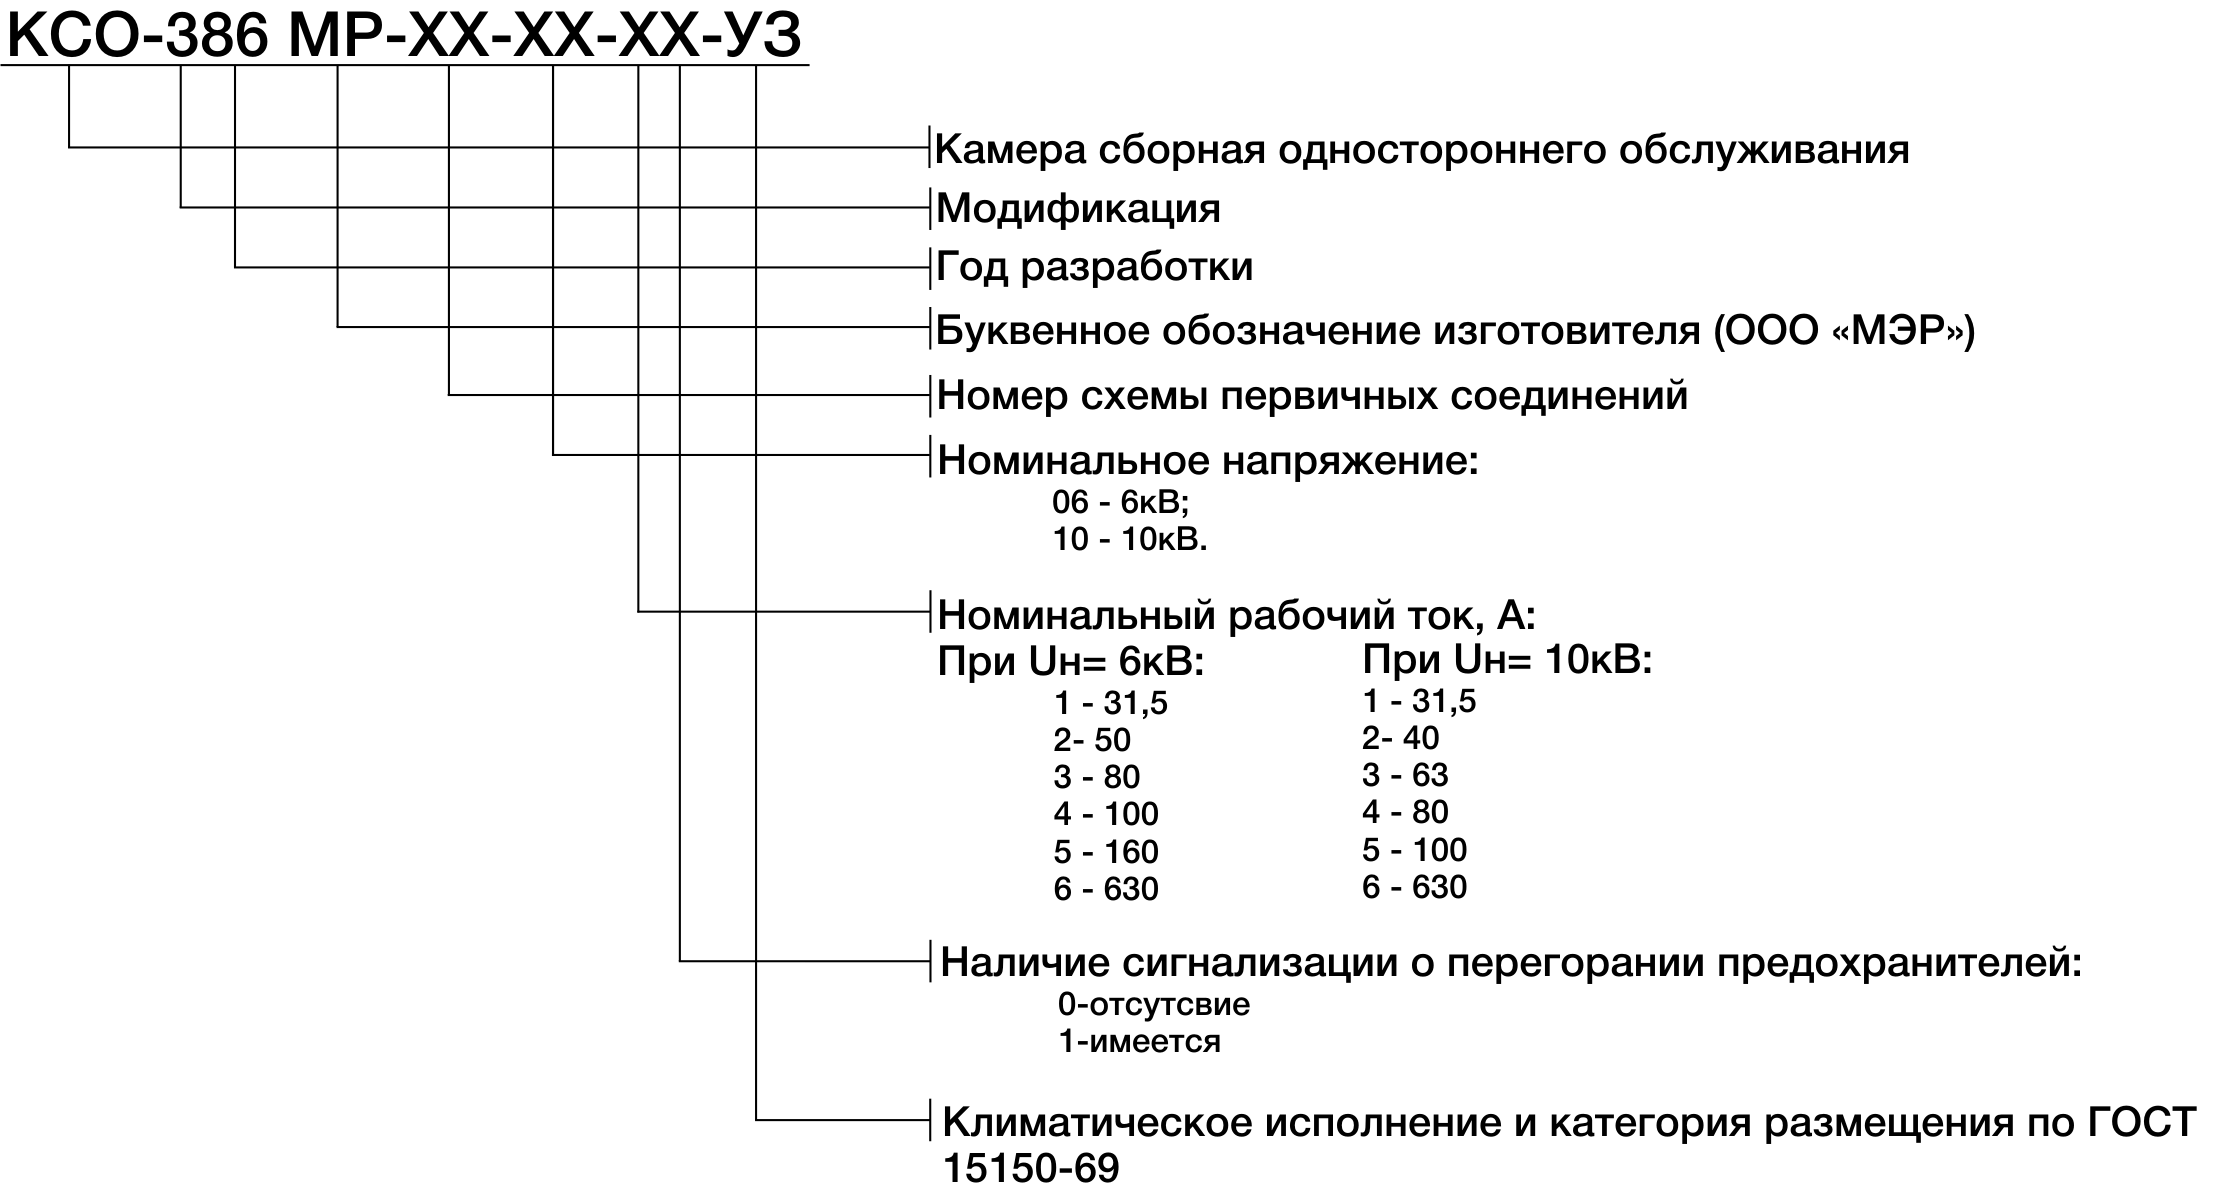 Структура условного обозначения КСО-386МР